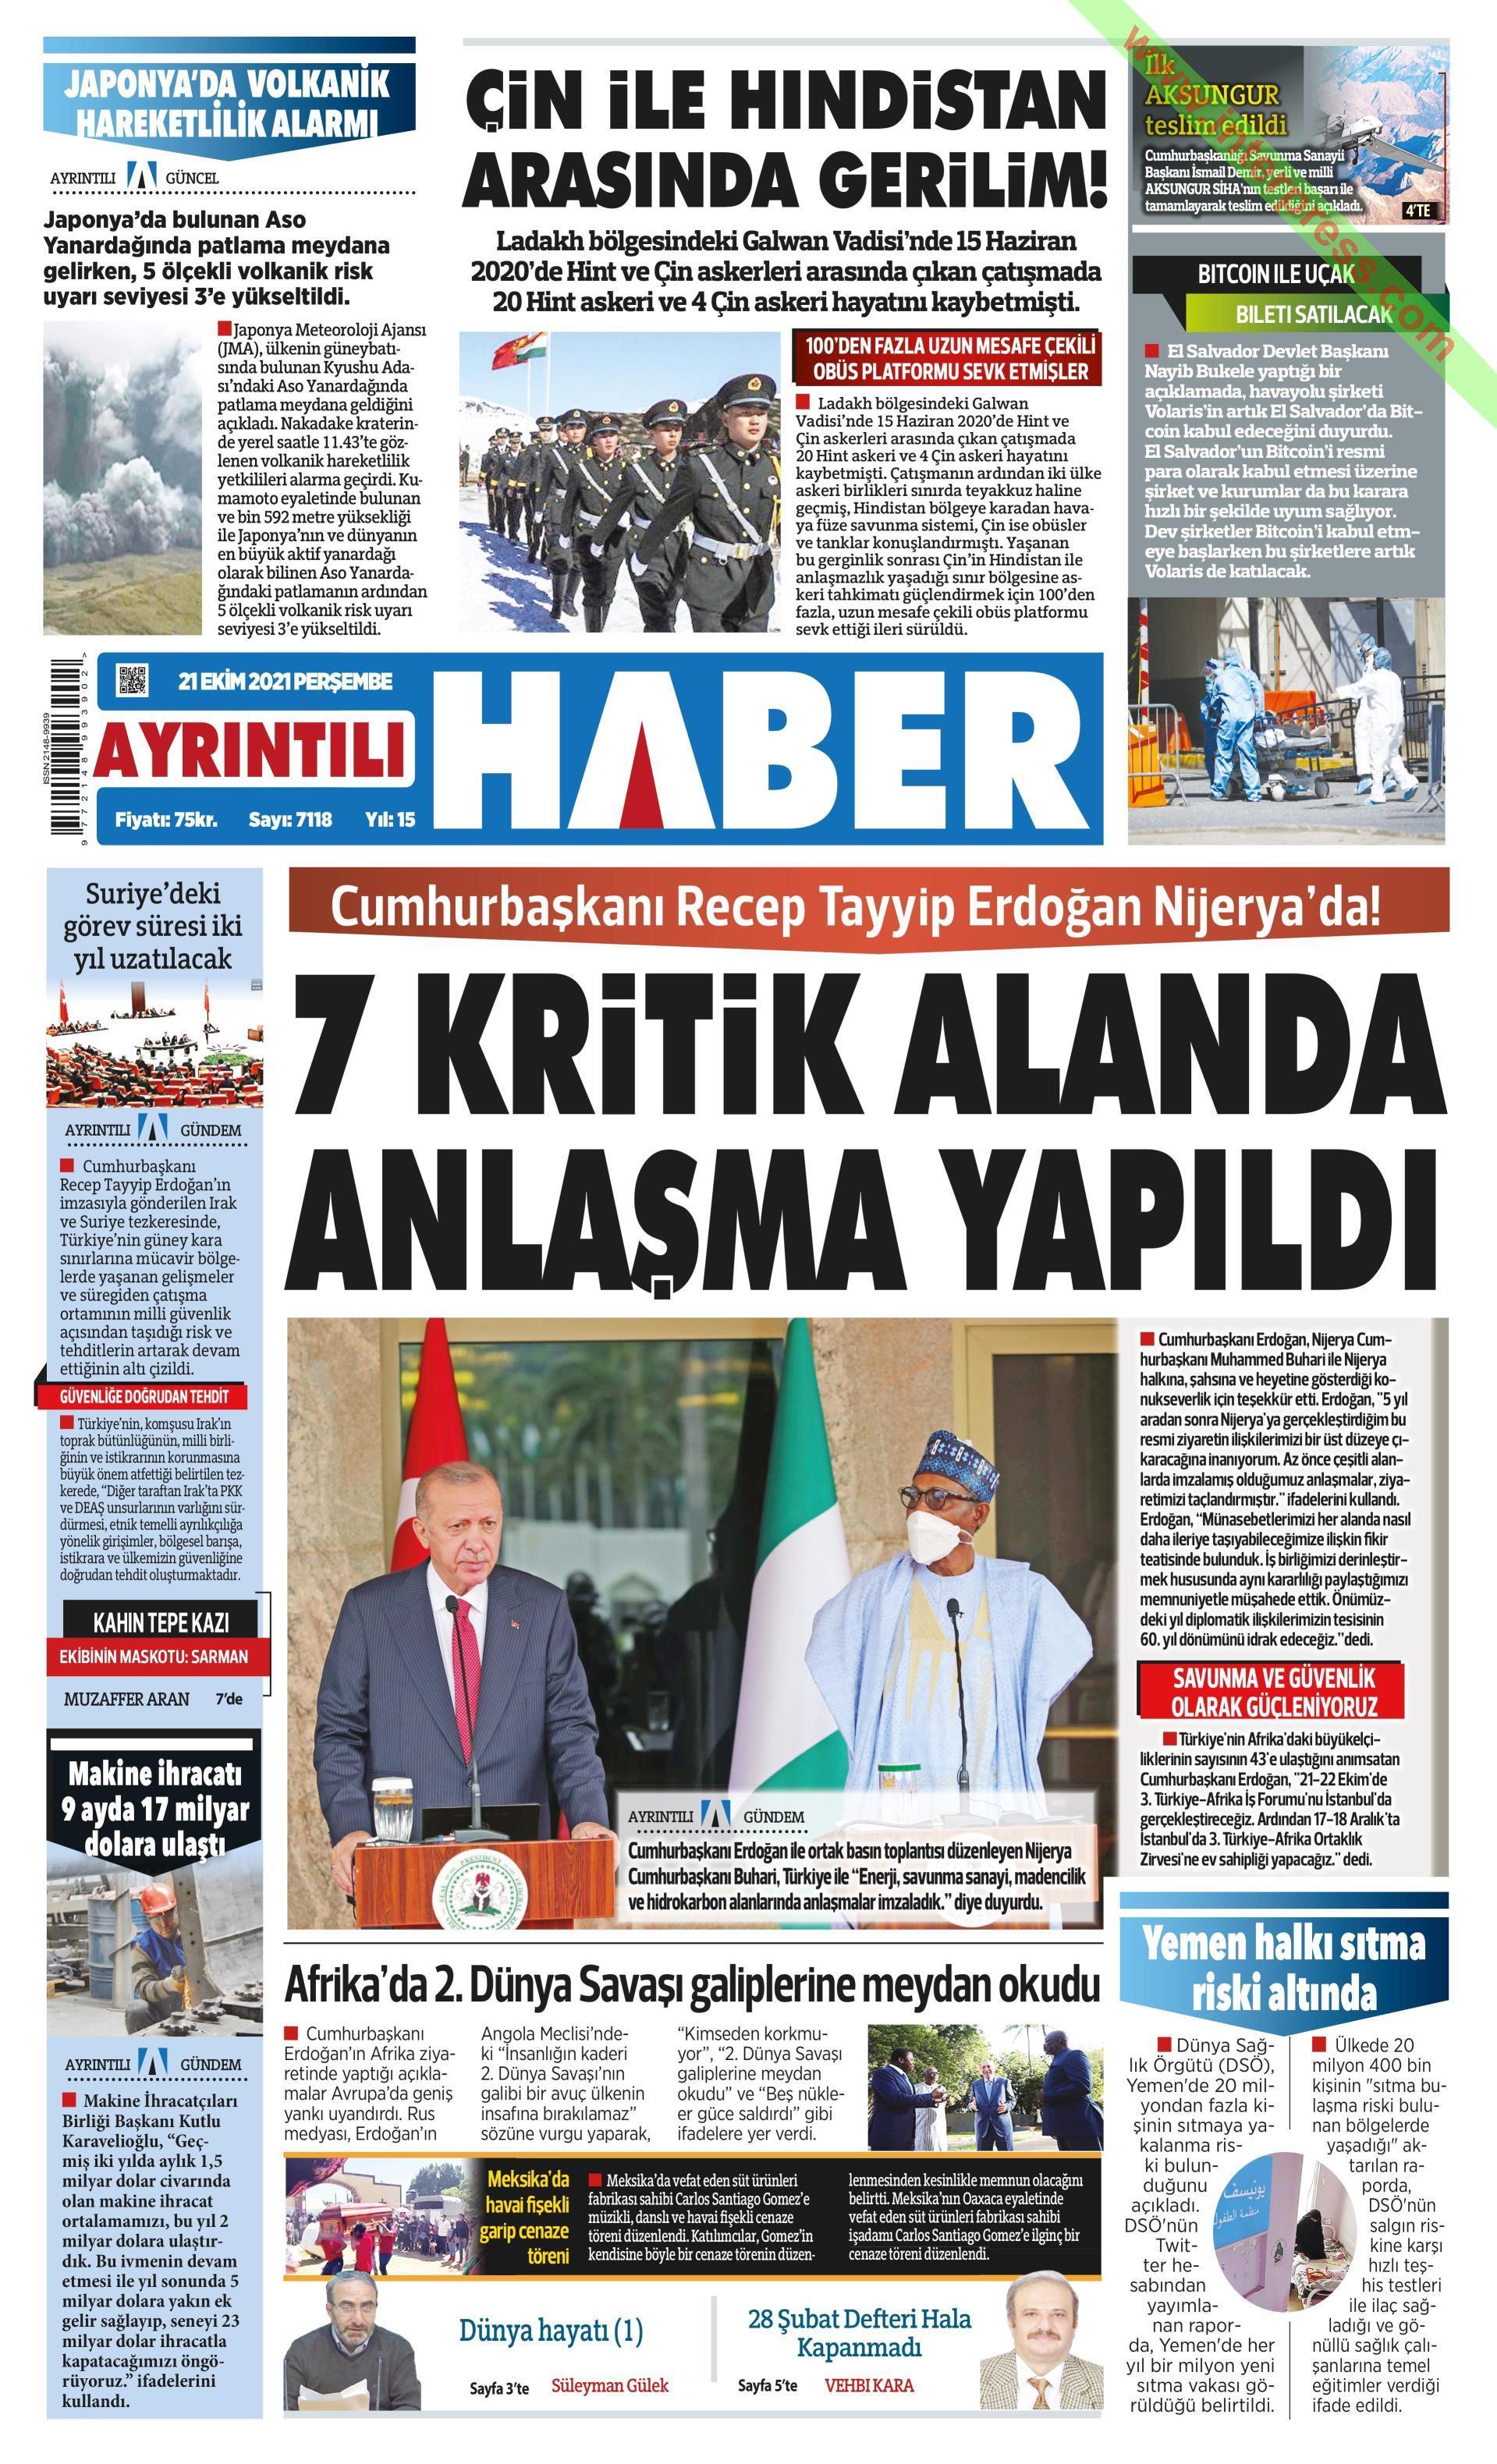 Ayrıntılı Haber gazetesi oku